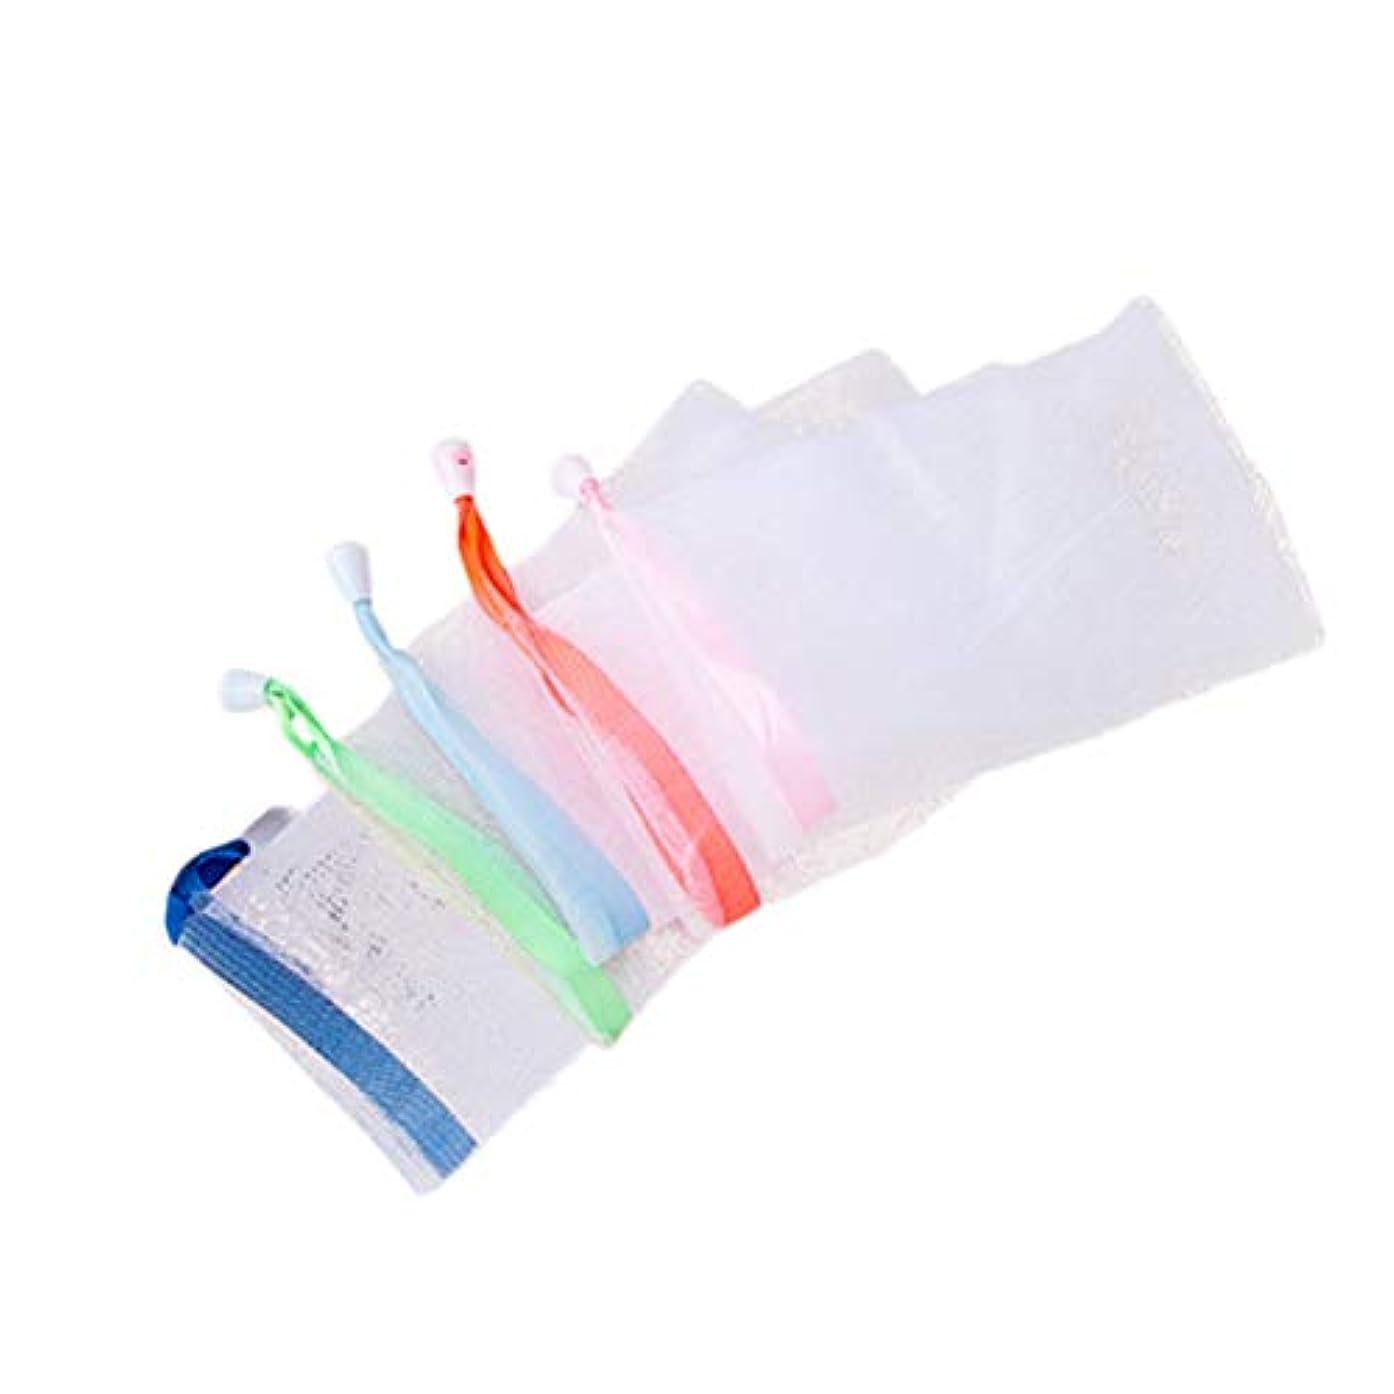 独立した合わせて樹木HEALIFTY 9pcsを洗う表面のための多彩な石鹸袋の泡立つ純袋の石鹸の泡ネット袋